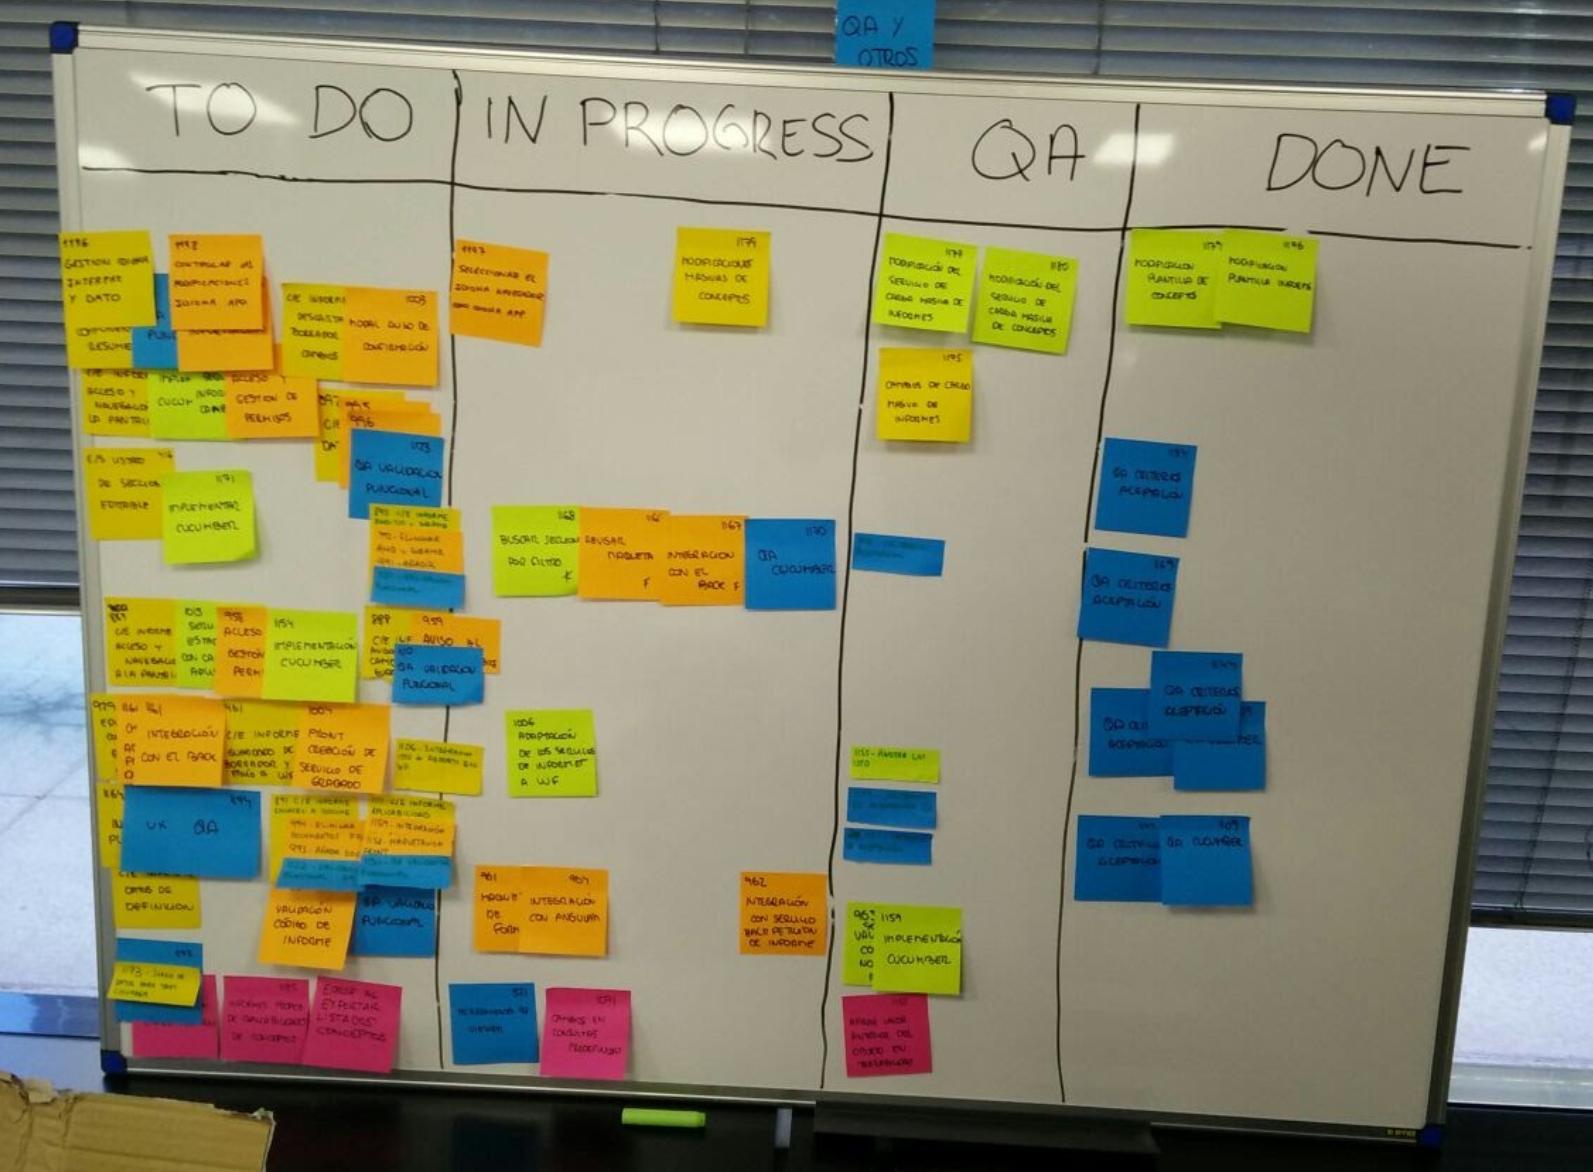 Visual Management de un Sprint Backlog